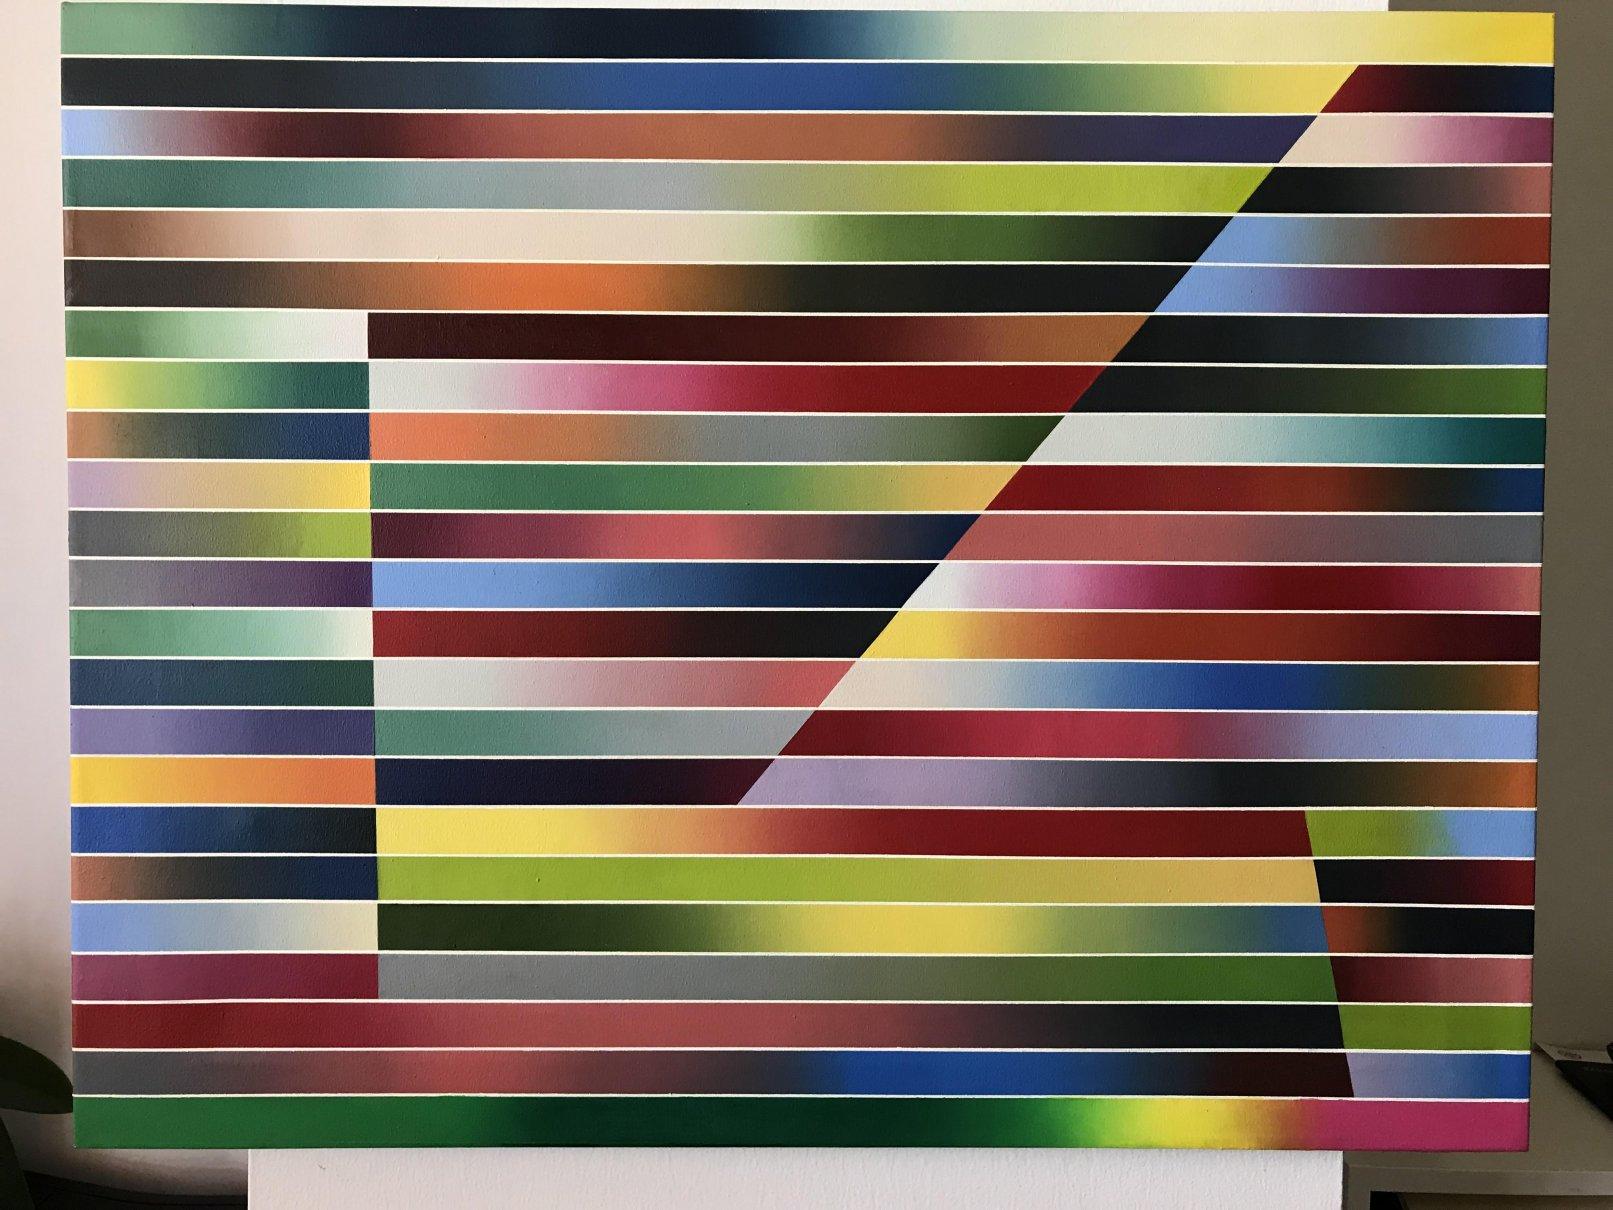 3 dianales (diagonales) (2016) - Fabián Burgos